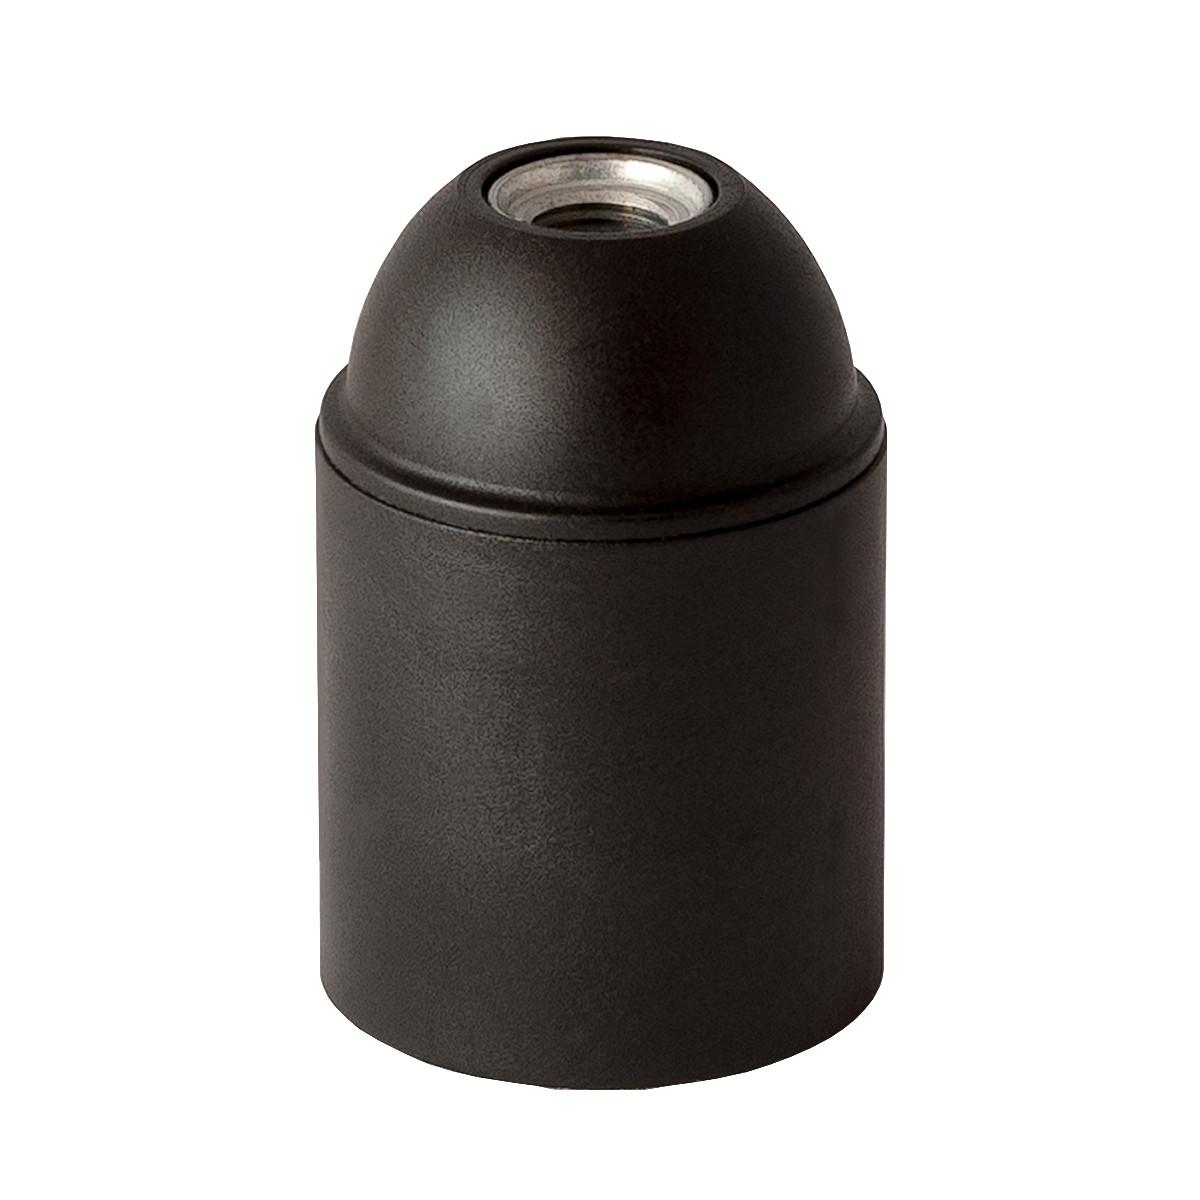 Kunststofffassung E27 mit Glattmantel schwarz